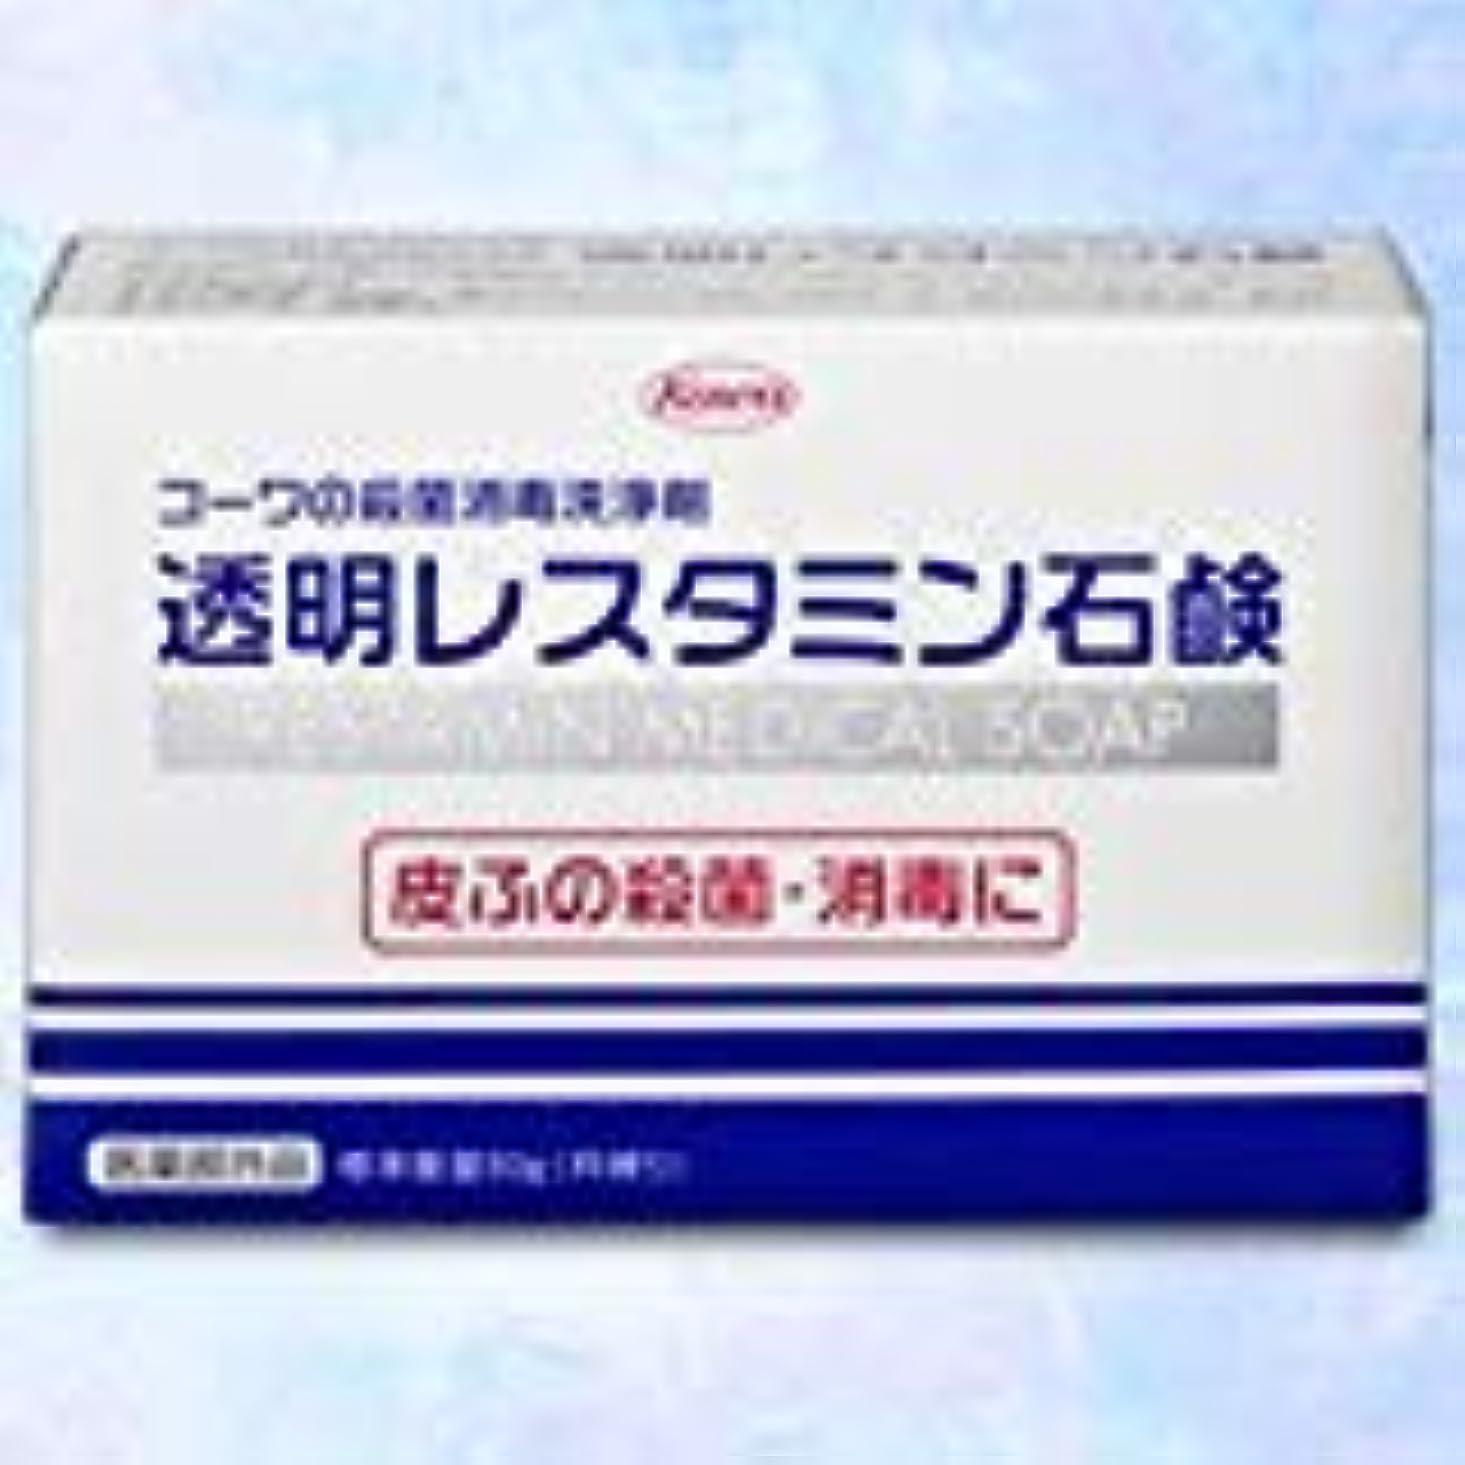 銀慰め縮約【興和】コーワの殺菌消毒洗浄剤「透明レスタミン石鹸」80g(医薬部外品) ×5個セット